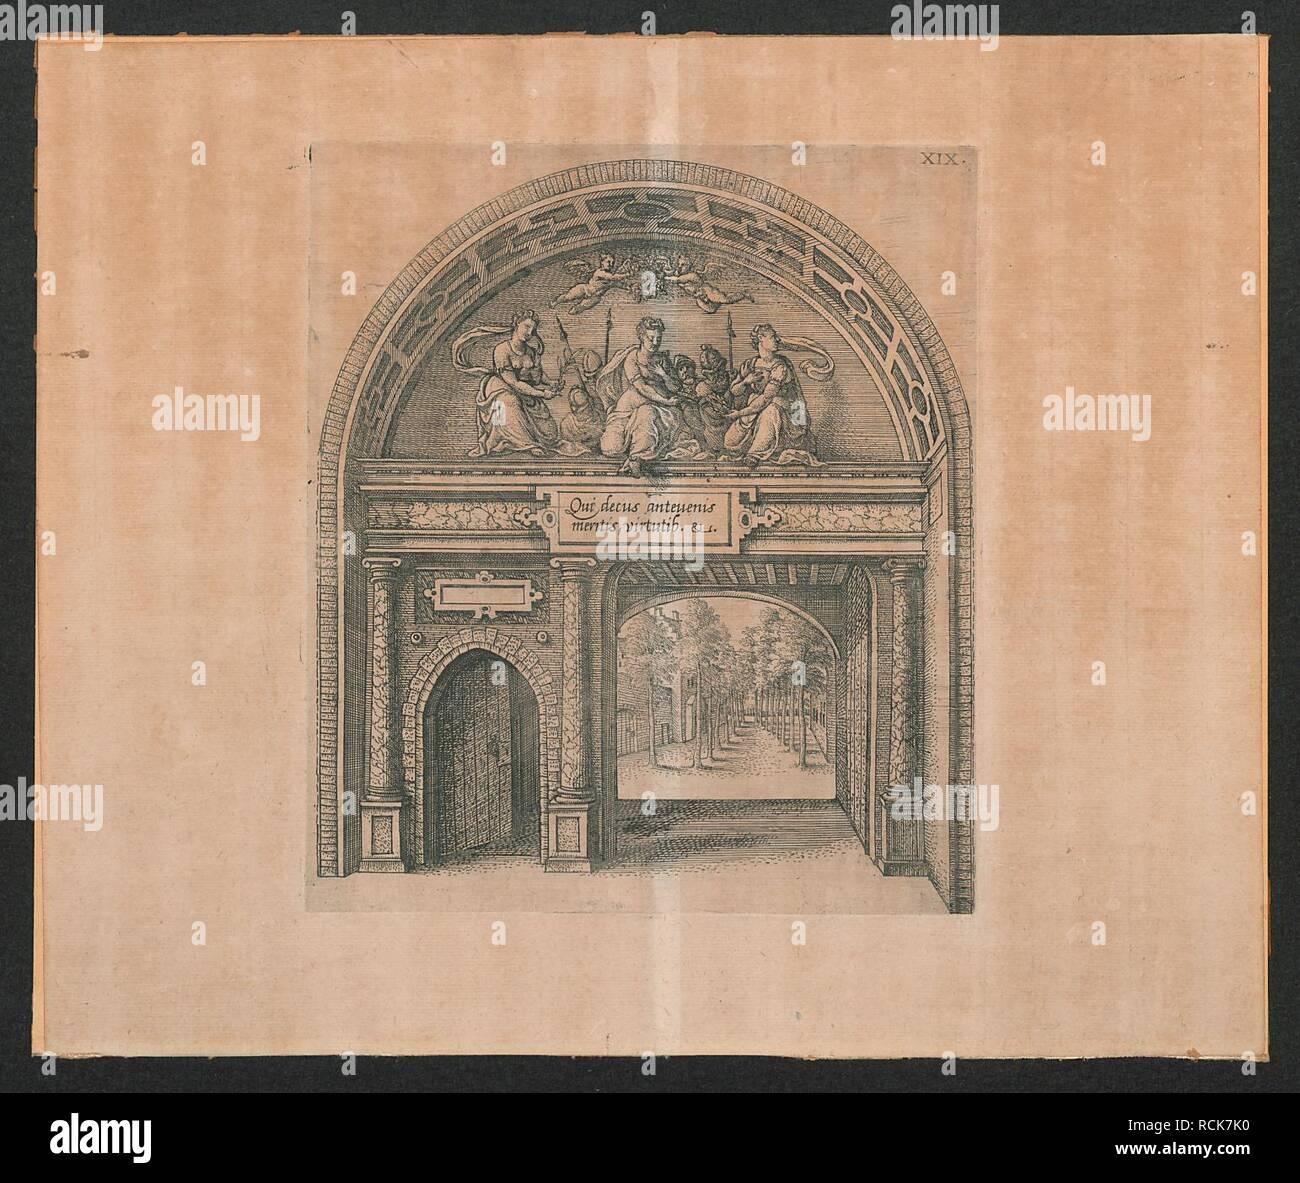 Allegorische voorstelling van een poort met deugden met een zicht op een tuin. - Stock Image